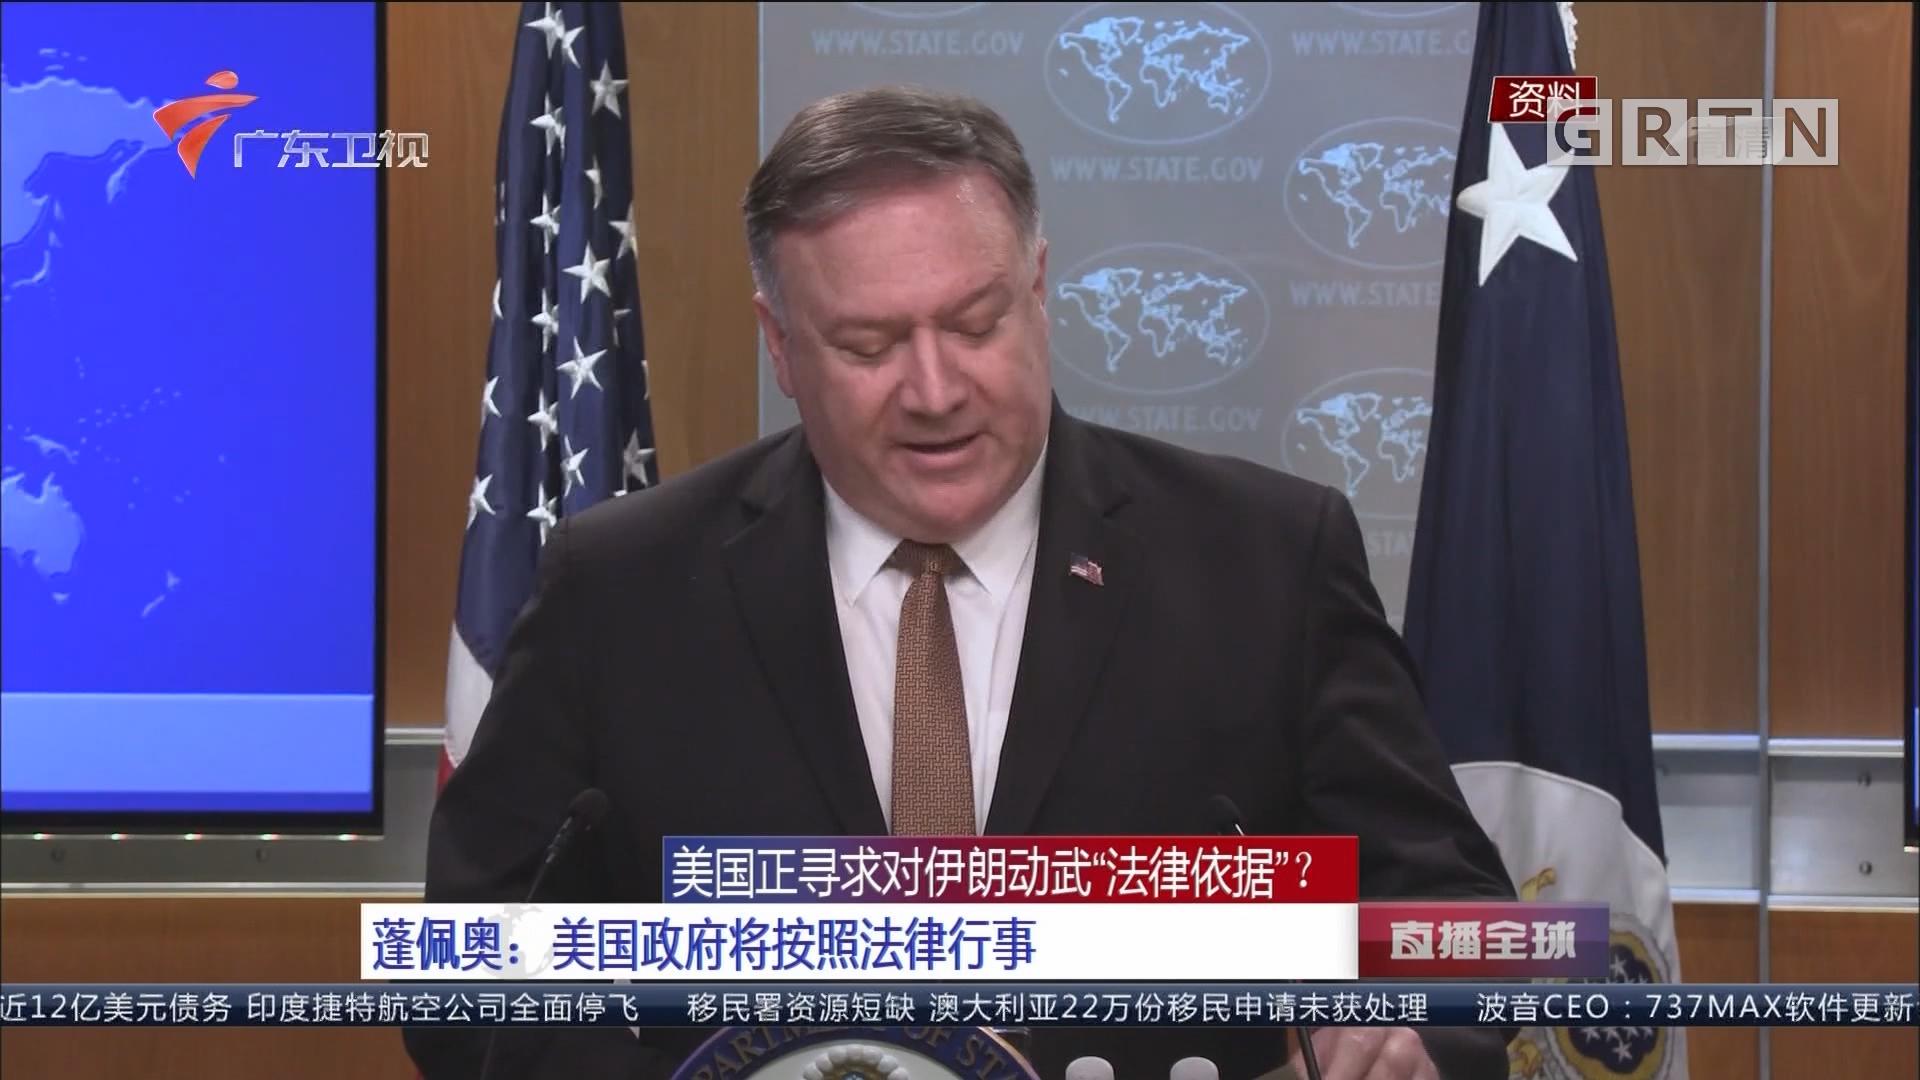 """美国正寻求对伊朗动武""""法律依据""""? 蓬佩奥:美国政府将按照法律行事"""